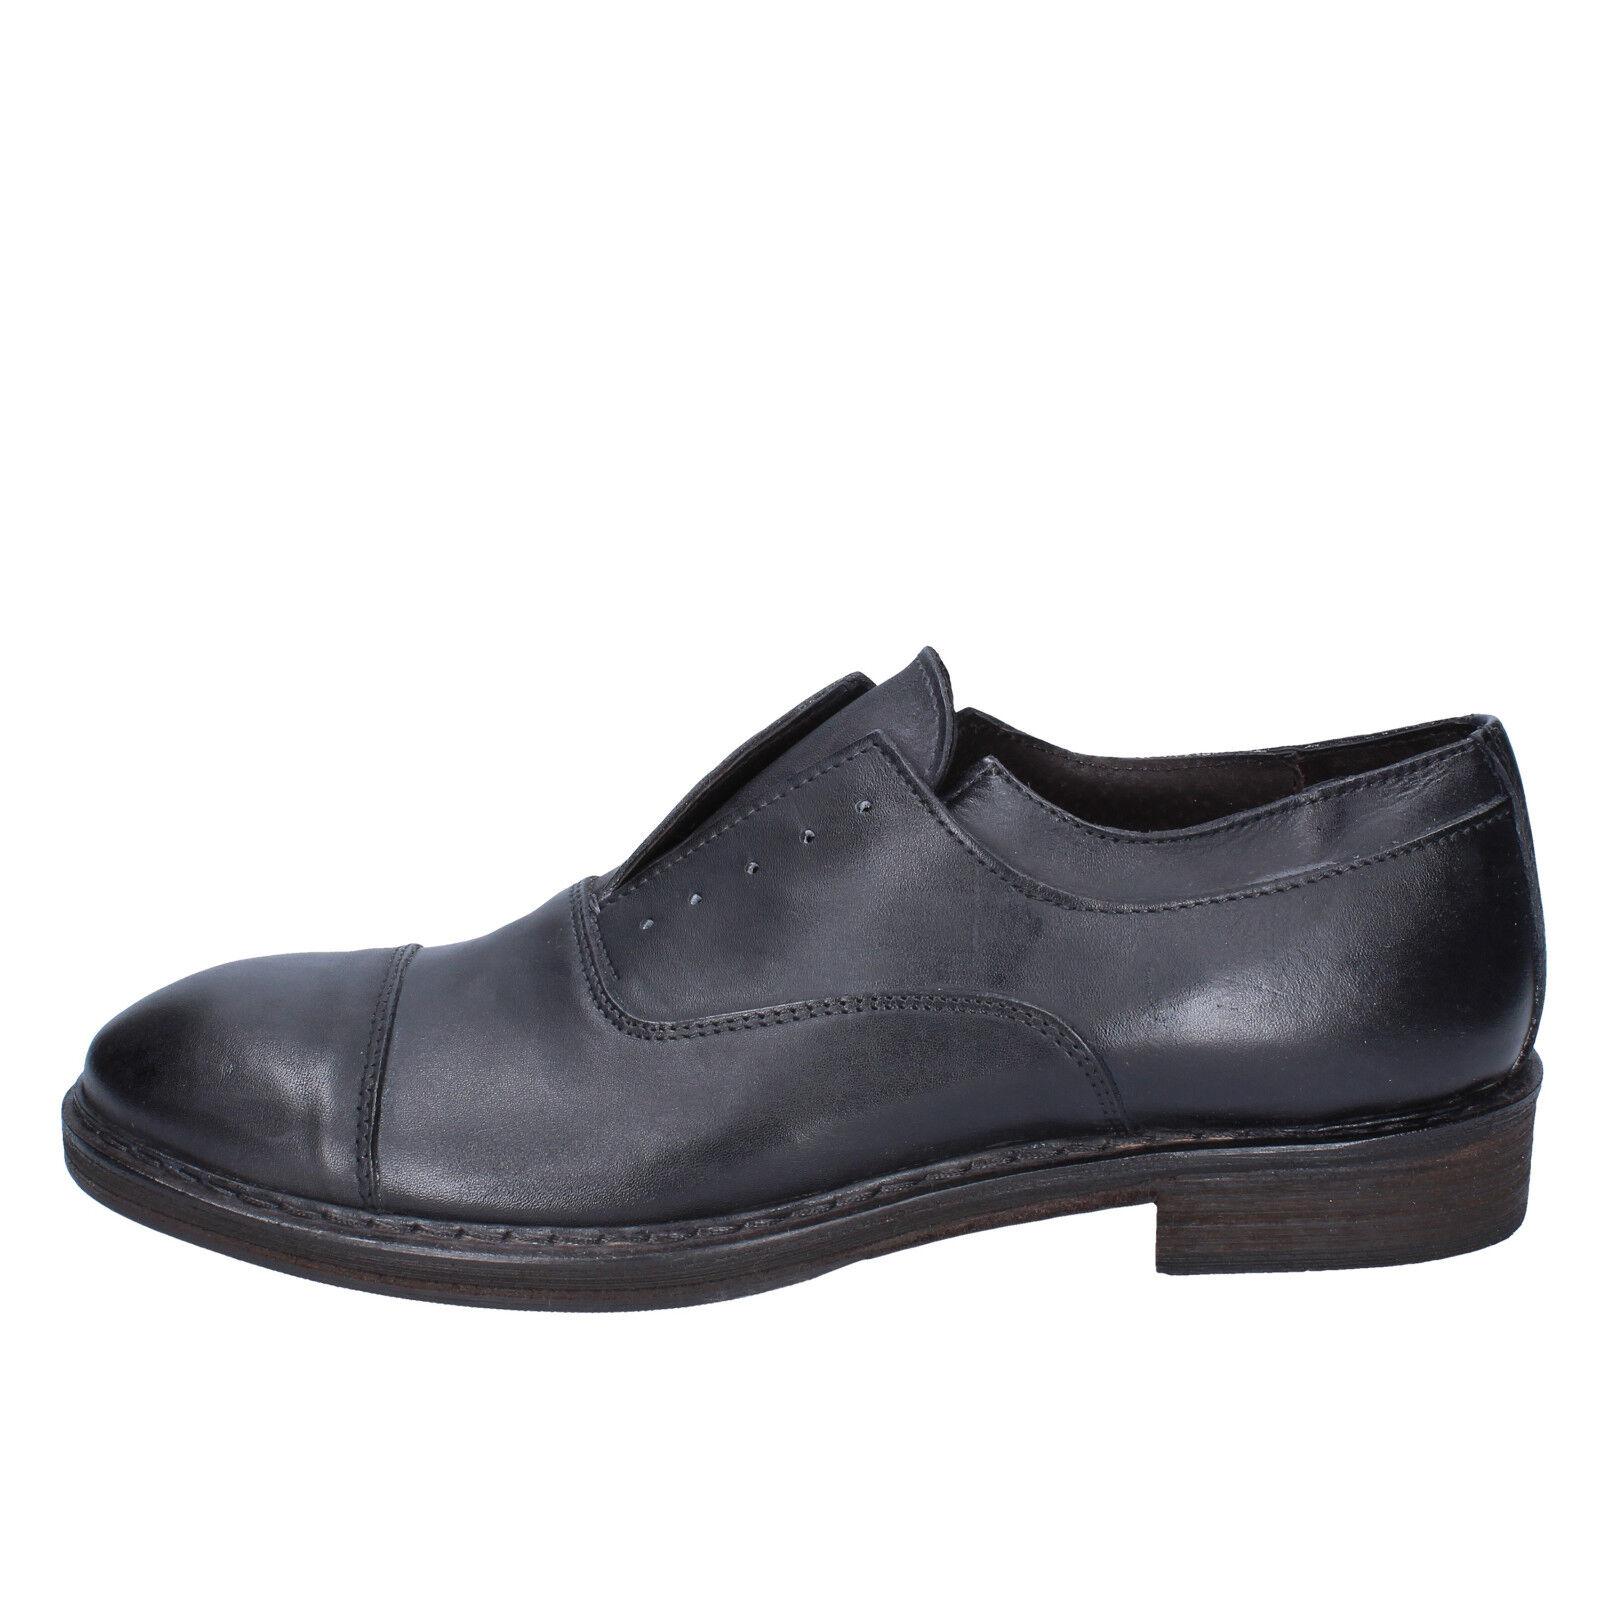 Scarpe uomo CESARE Maurizi 43 UE elegante grigio in pelle bx516-43 Scarpe classiche da uomo